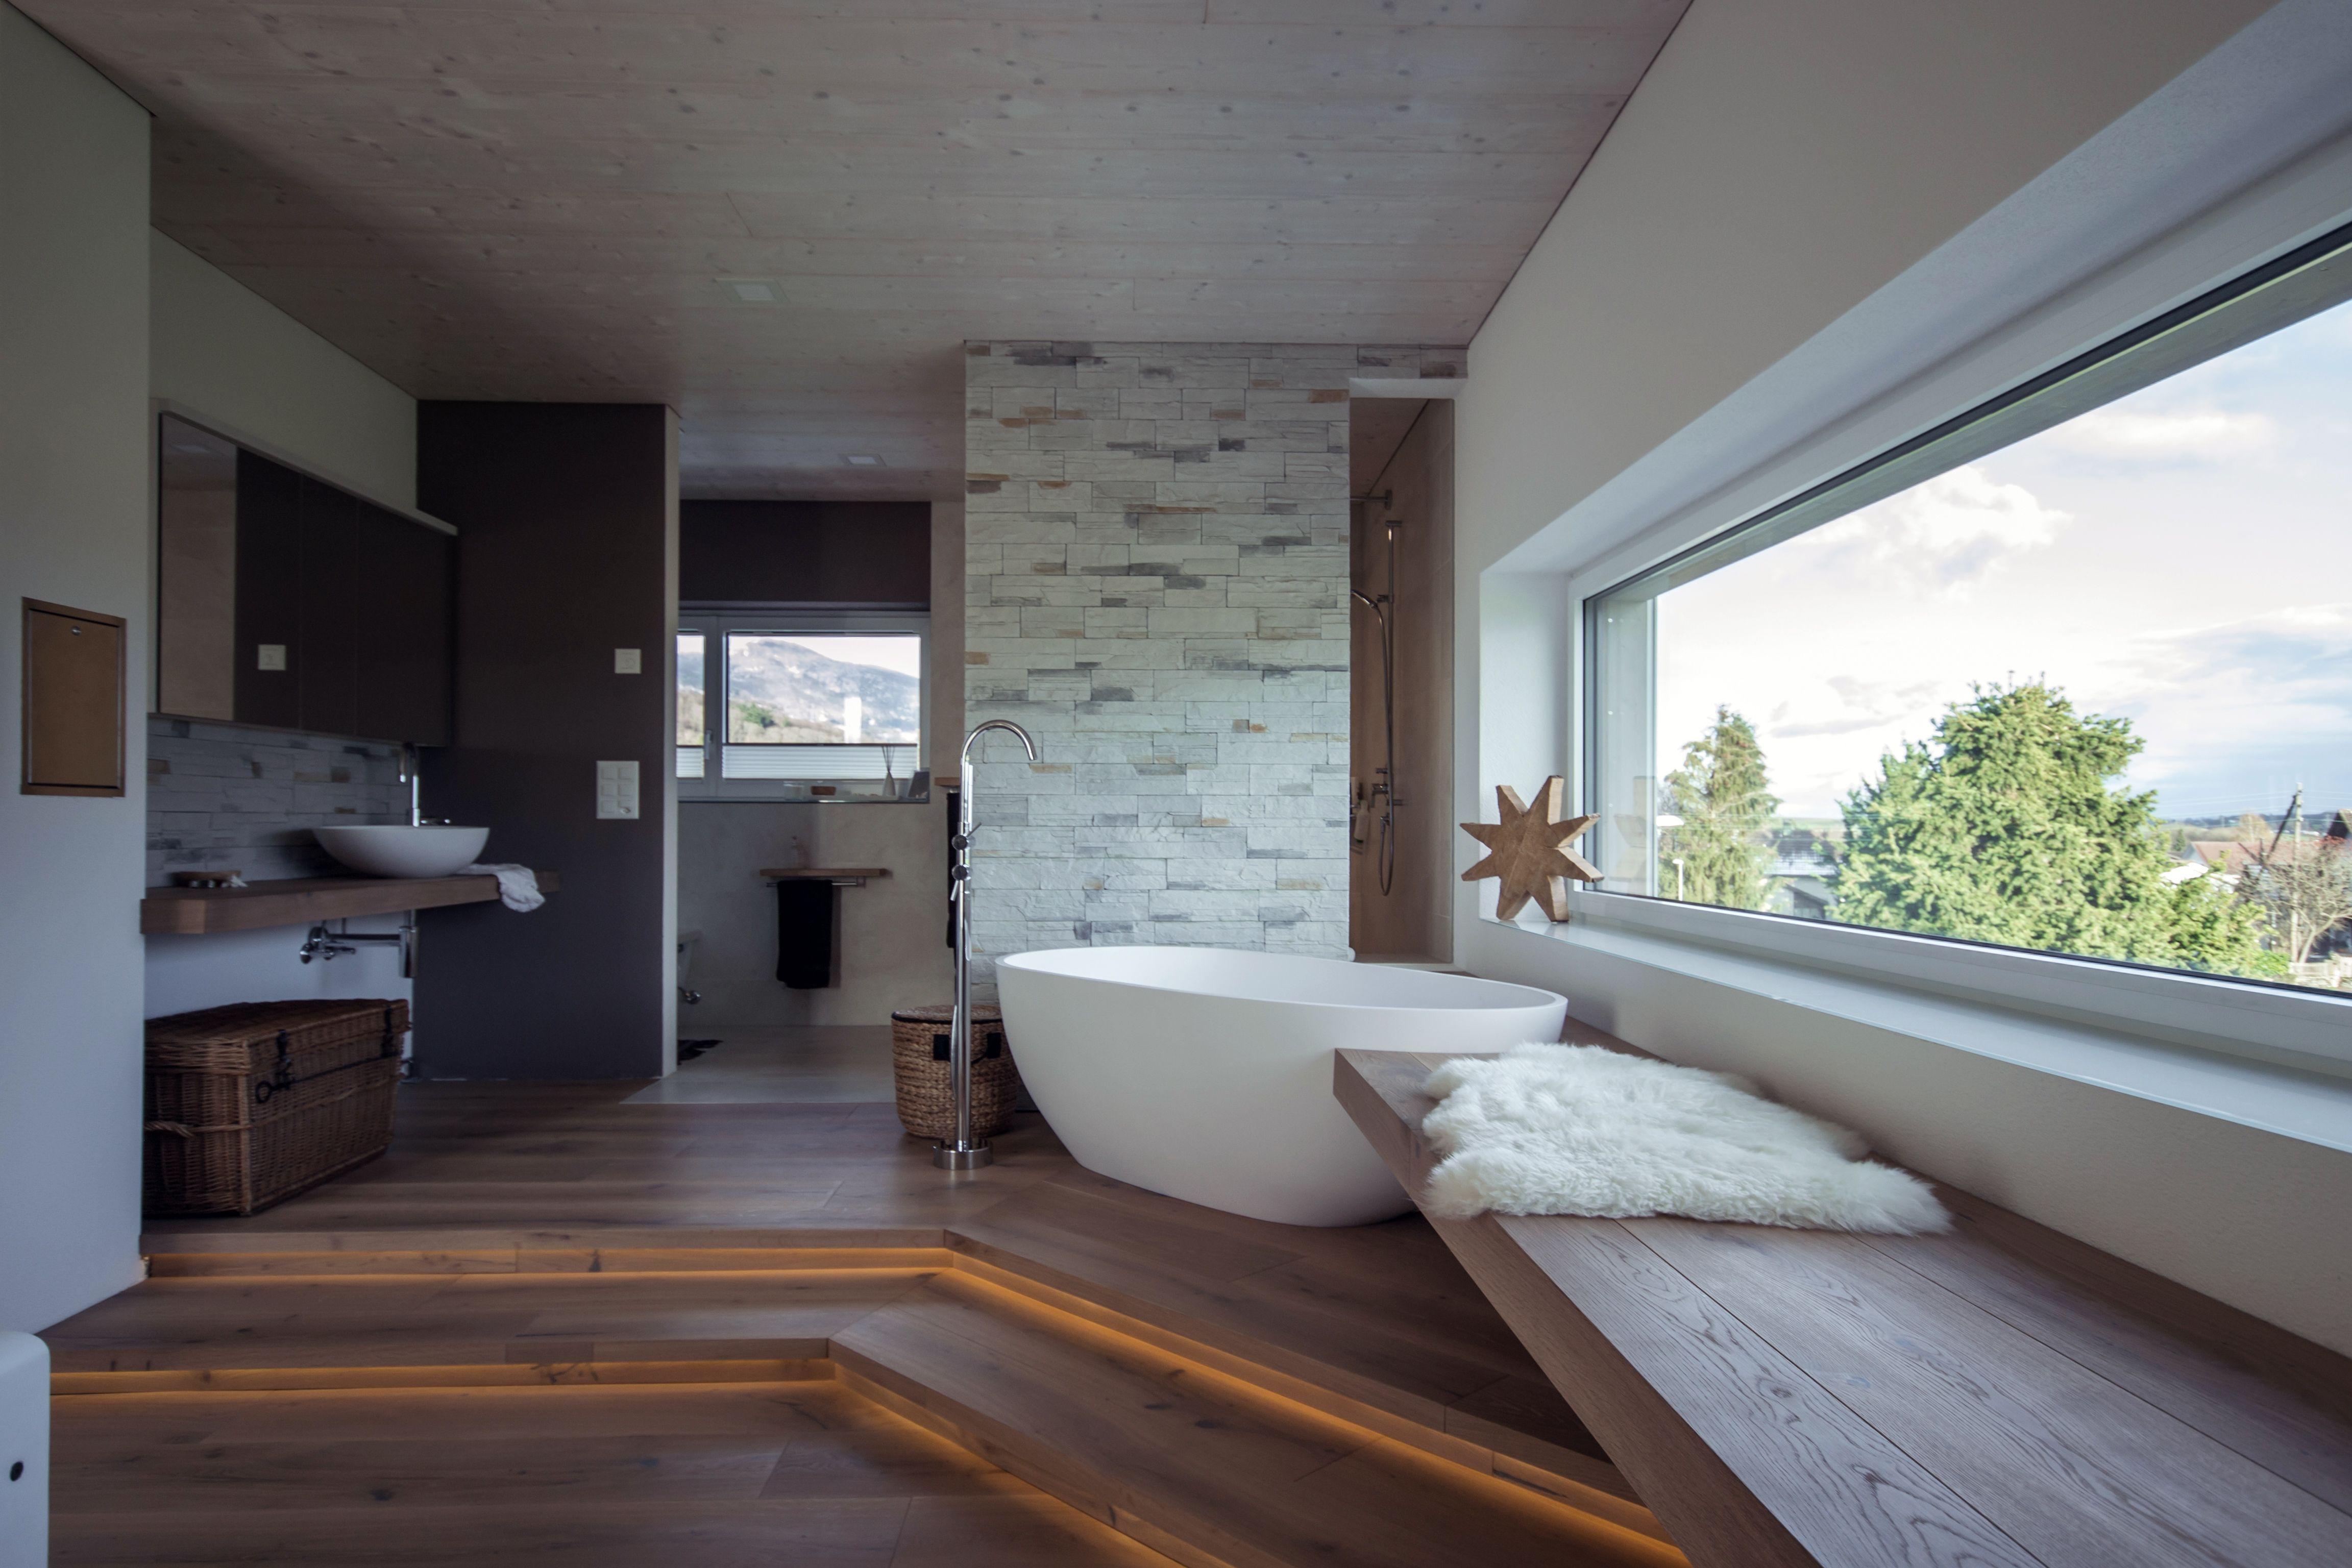 Badezimmer dekor rund um die wanne astrid stauch astauch on pinterest